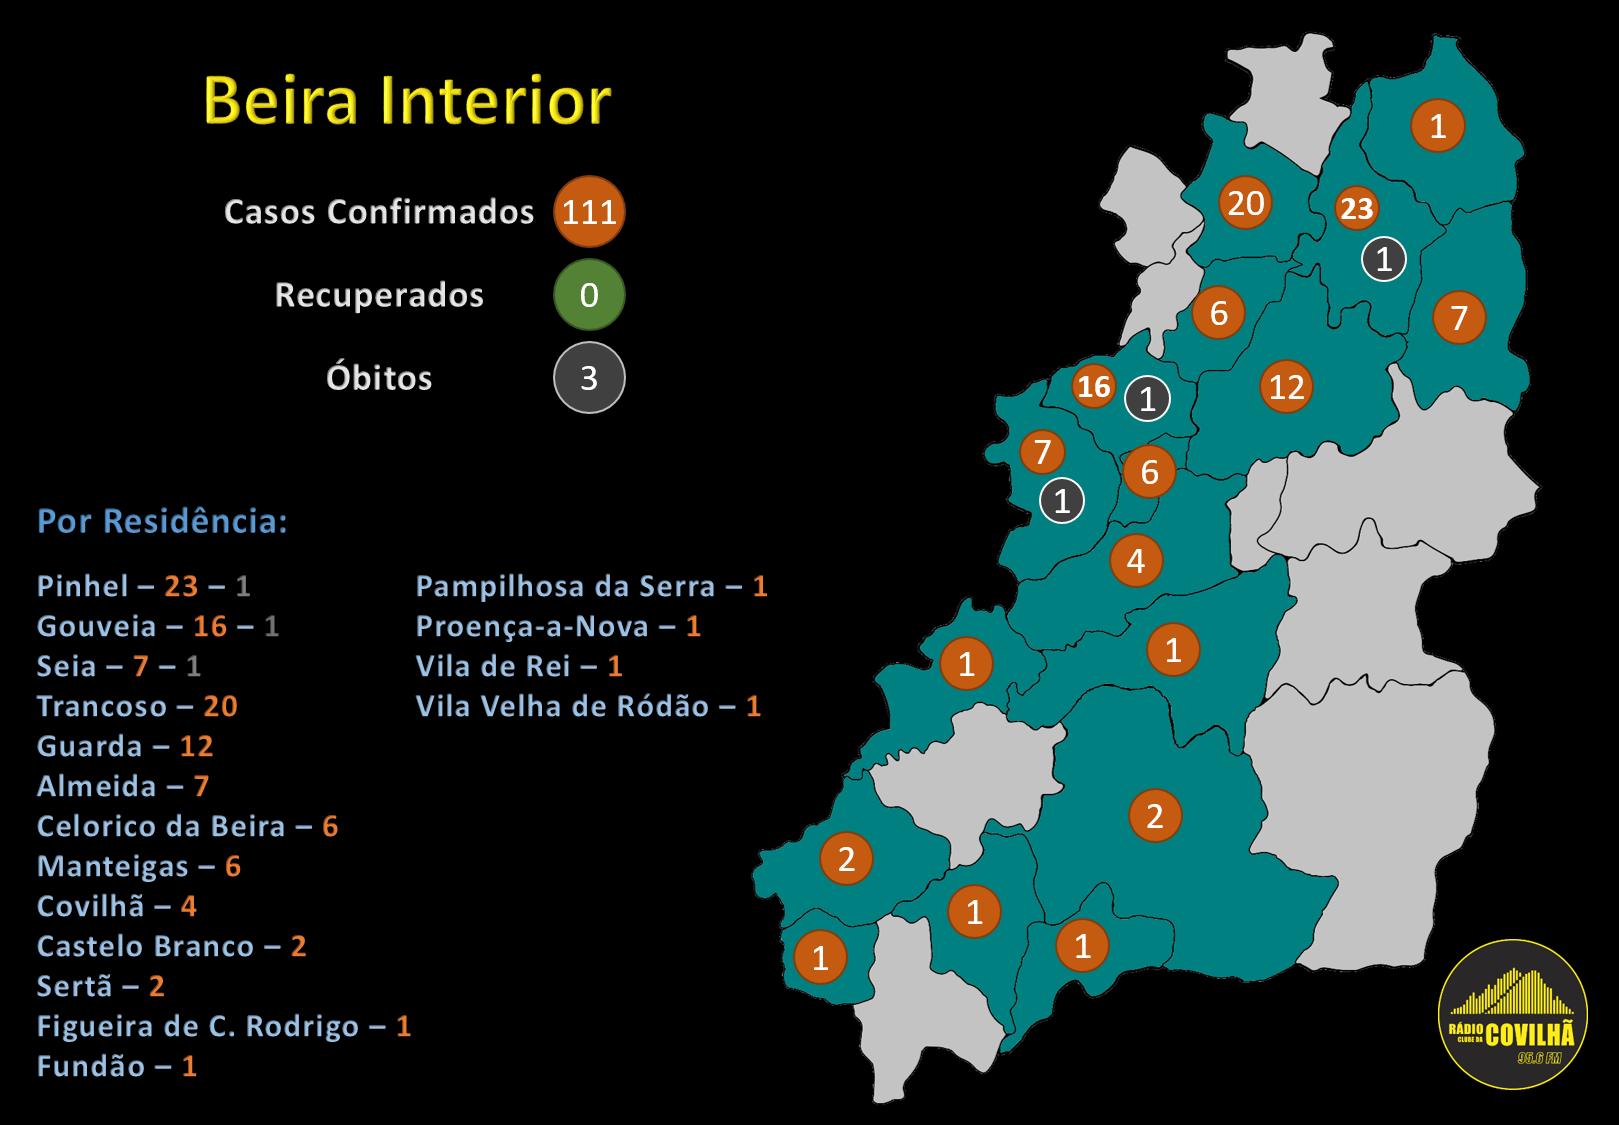 COVID-19 Mapa dos concelhos da Beira Interior